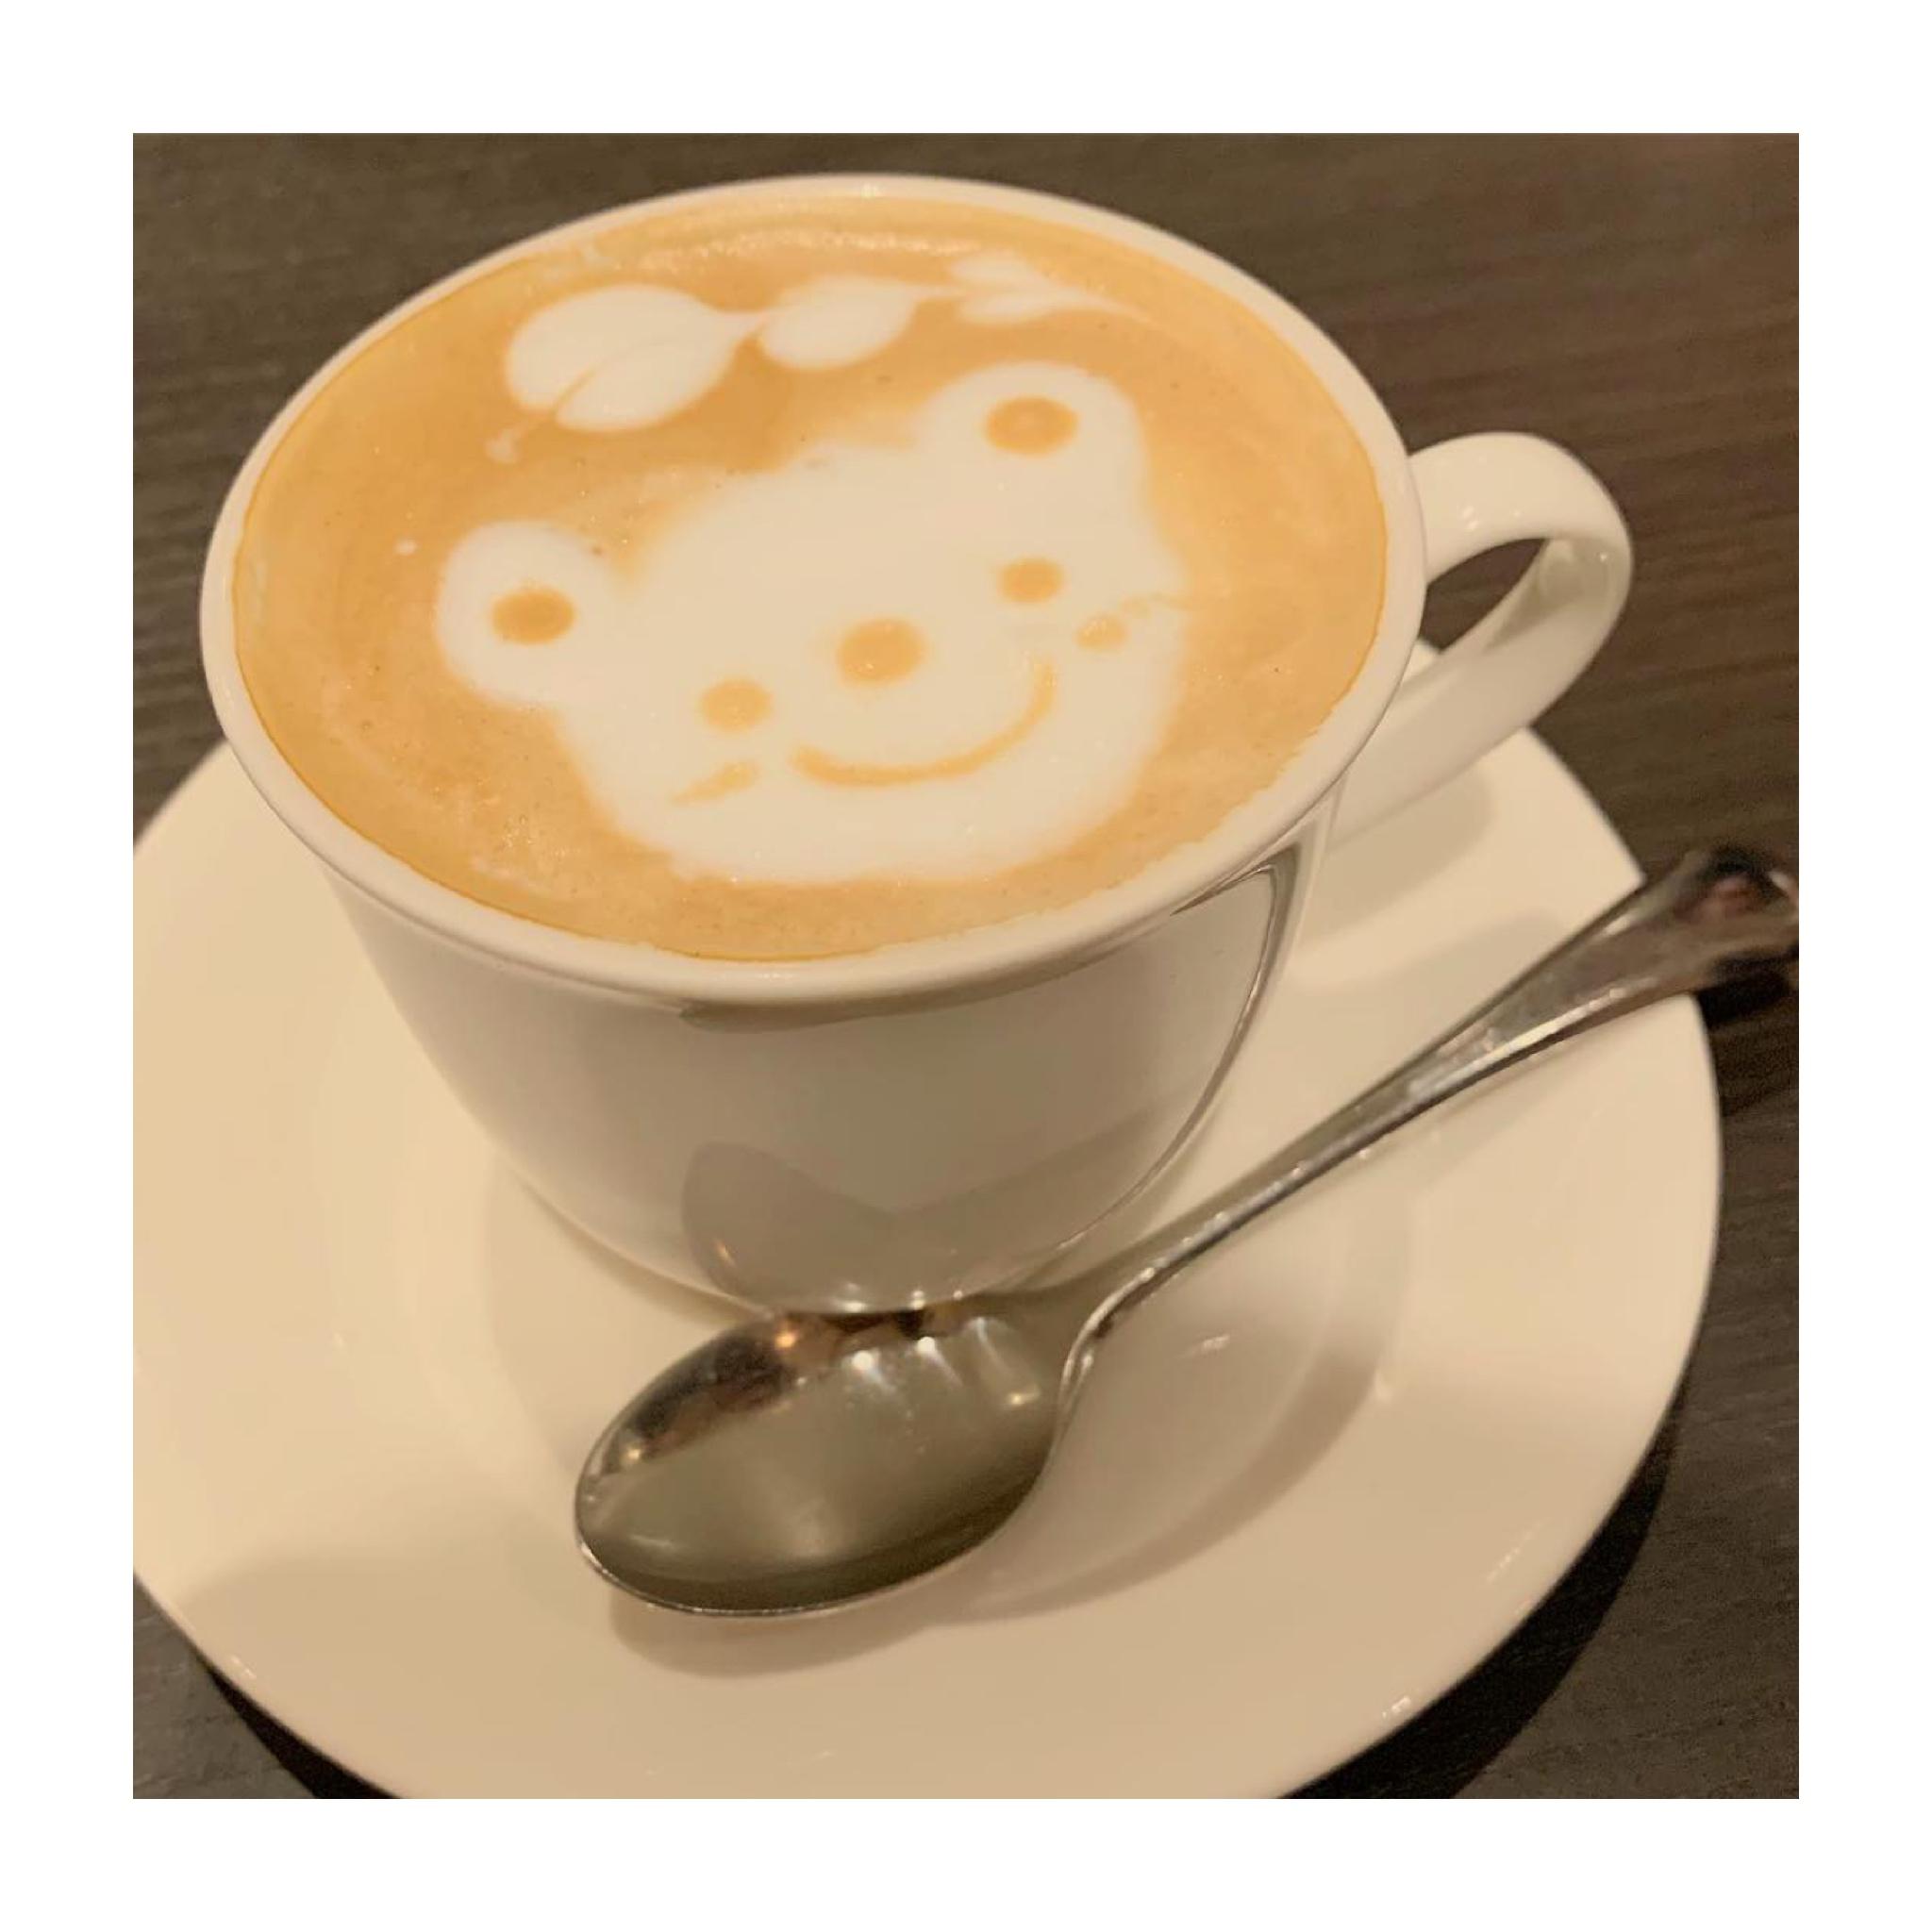 《ご当地MORE★東京》あのカステラで有名な【文明堂カフェ】のパンケーキが絶品なんです✌︎❤️_1